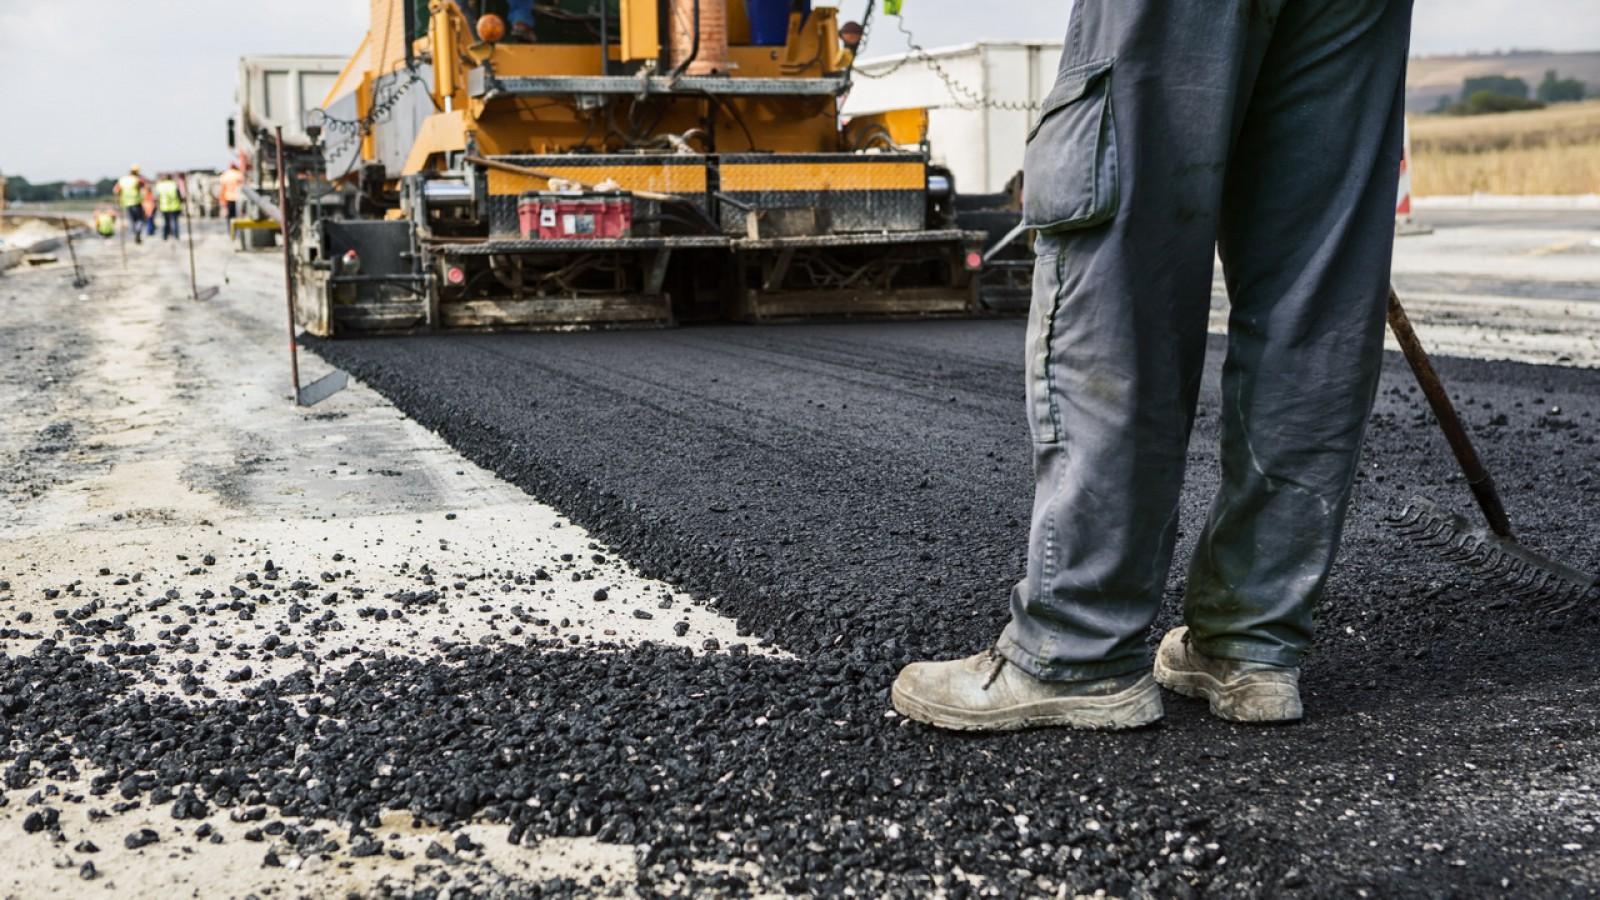 Mold-street: Epopeea construcției drumului de ocolire de la Ungheni, sau cum Guvernul a ratat 2,4 milioane euro